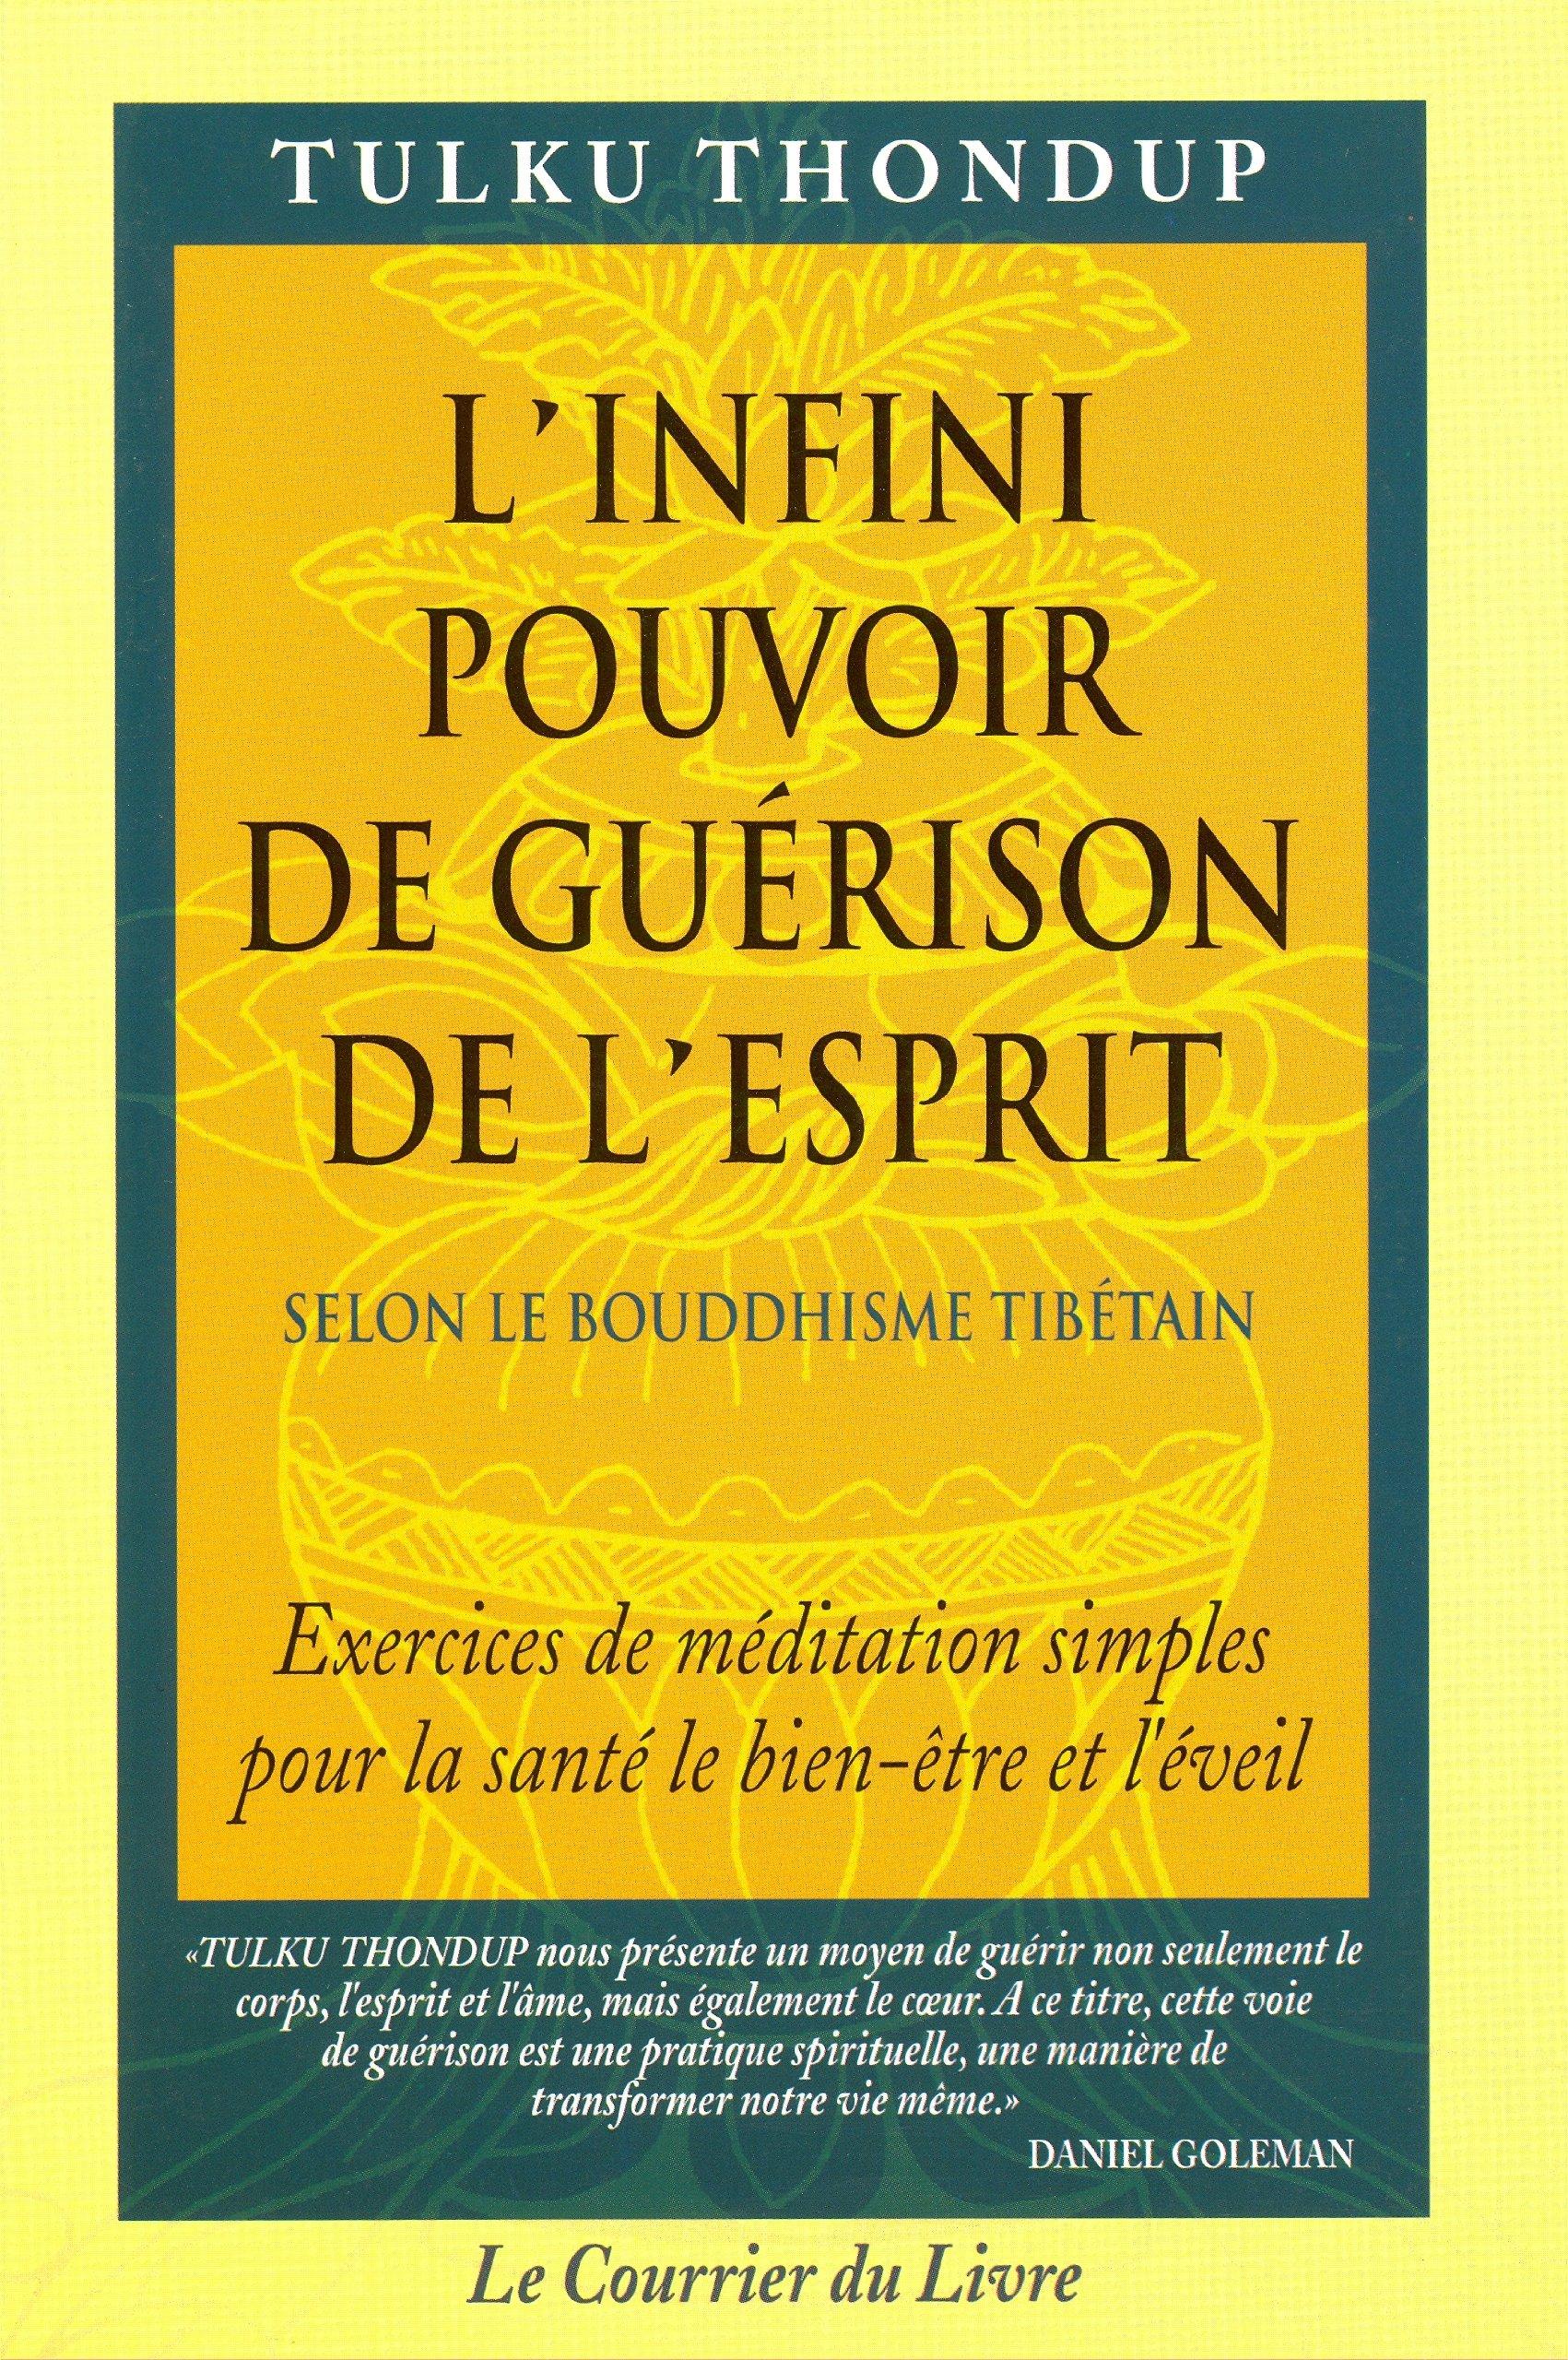 Amazon.fr - L'Infini pouvoir de guérison de l'esprit selon le bouddhisme  tibétain - Tulku Thondup - Livres